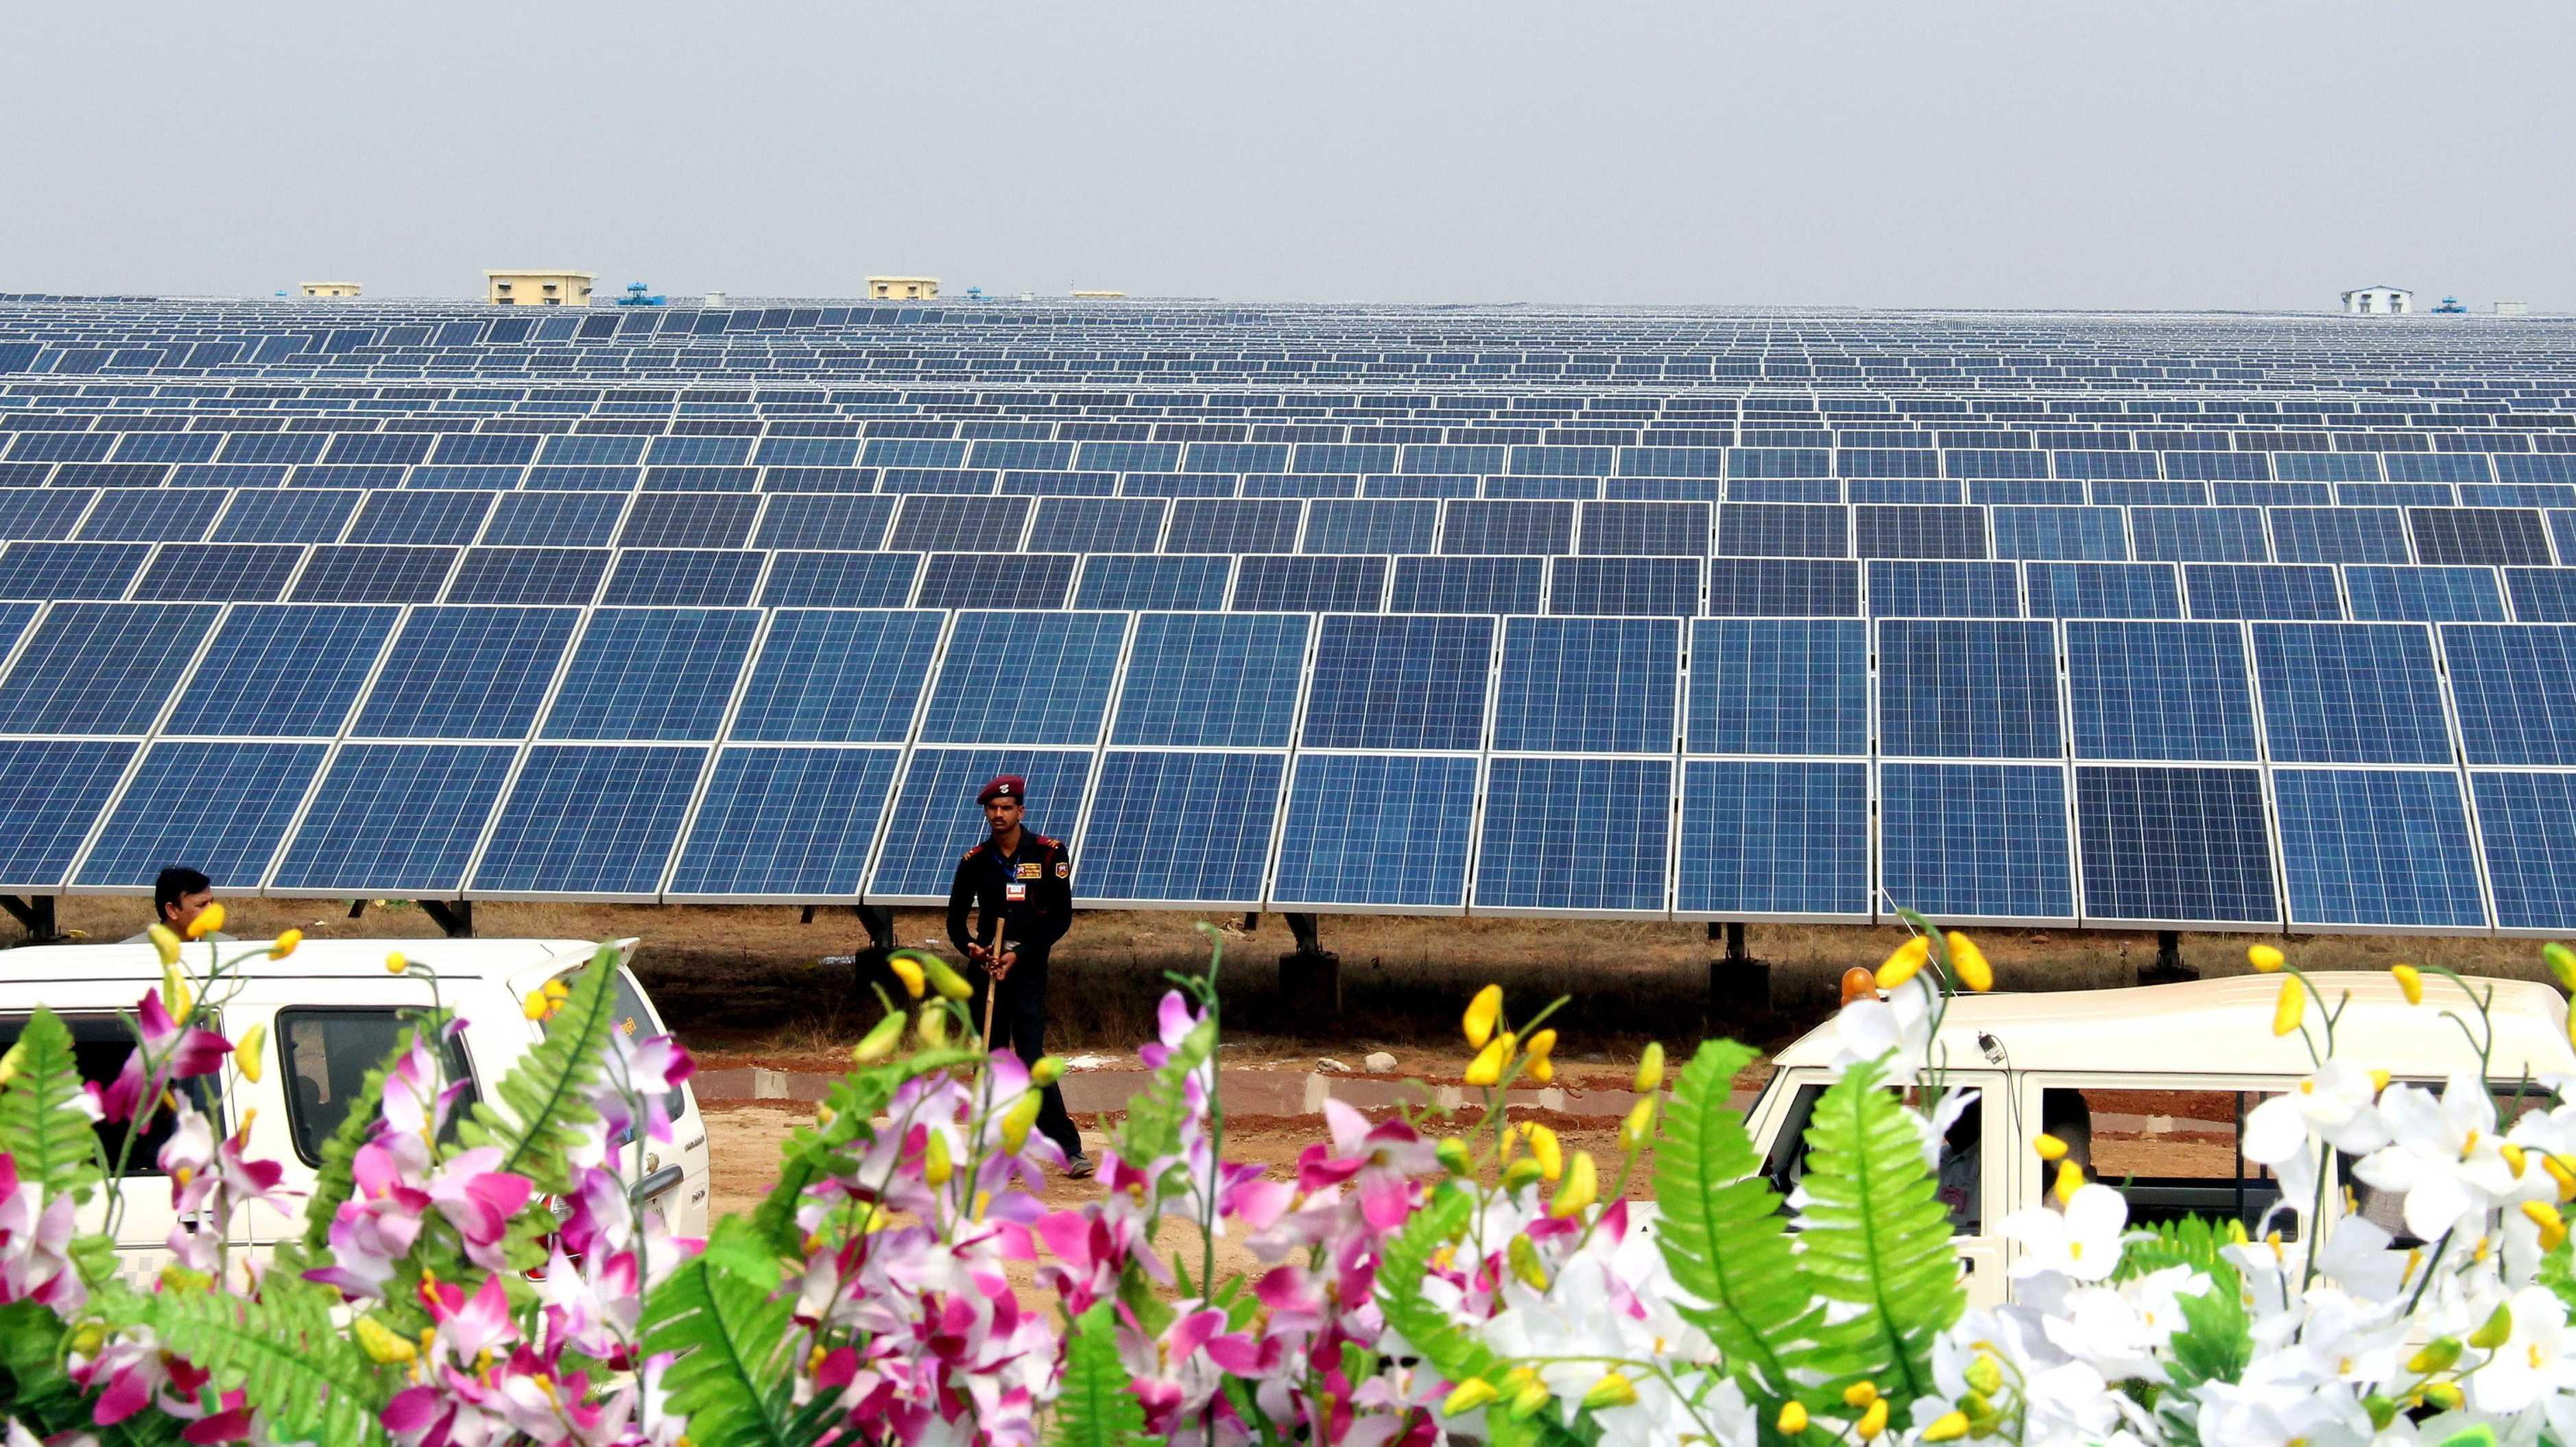 Kohleabhängiges Indien peilt sonnige Zukunft an